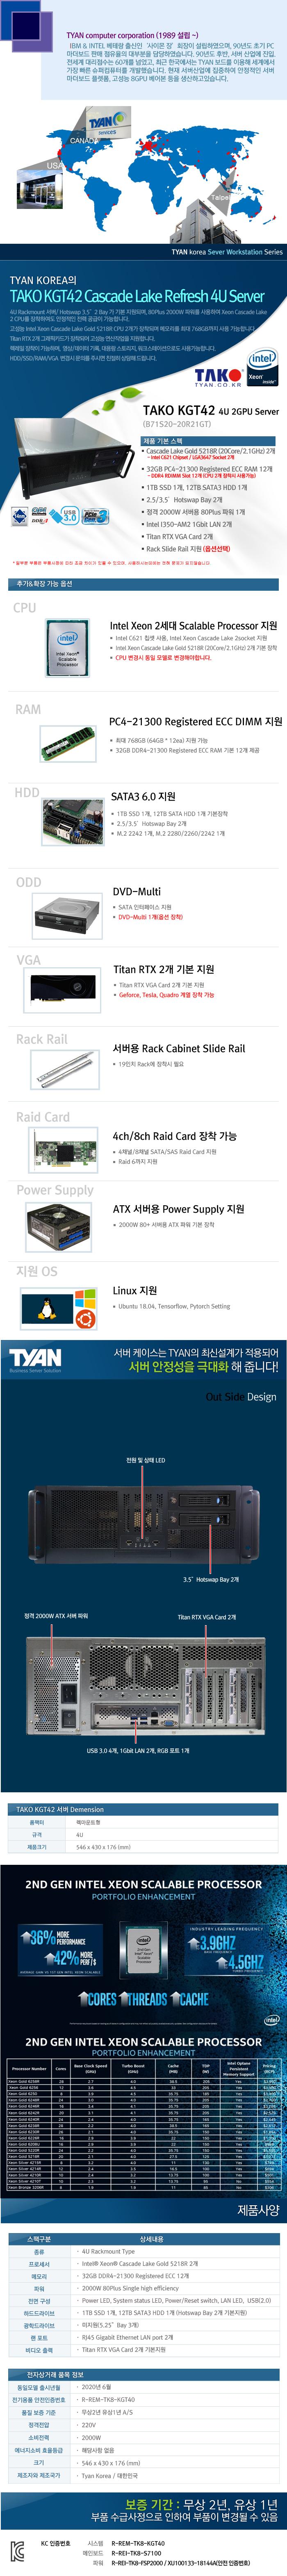 TYAN TAKO-KGT42-(B71S20-20R21GT) 2GPU (384GB, SSD 1TB + 12TB)